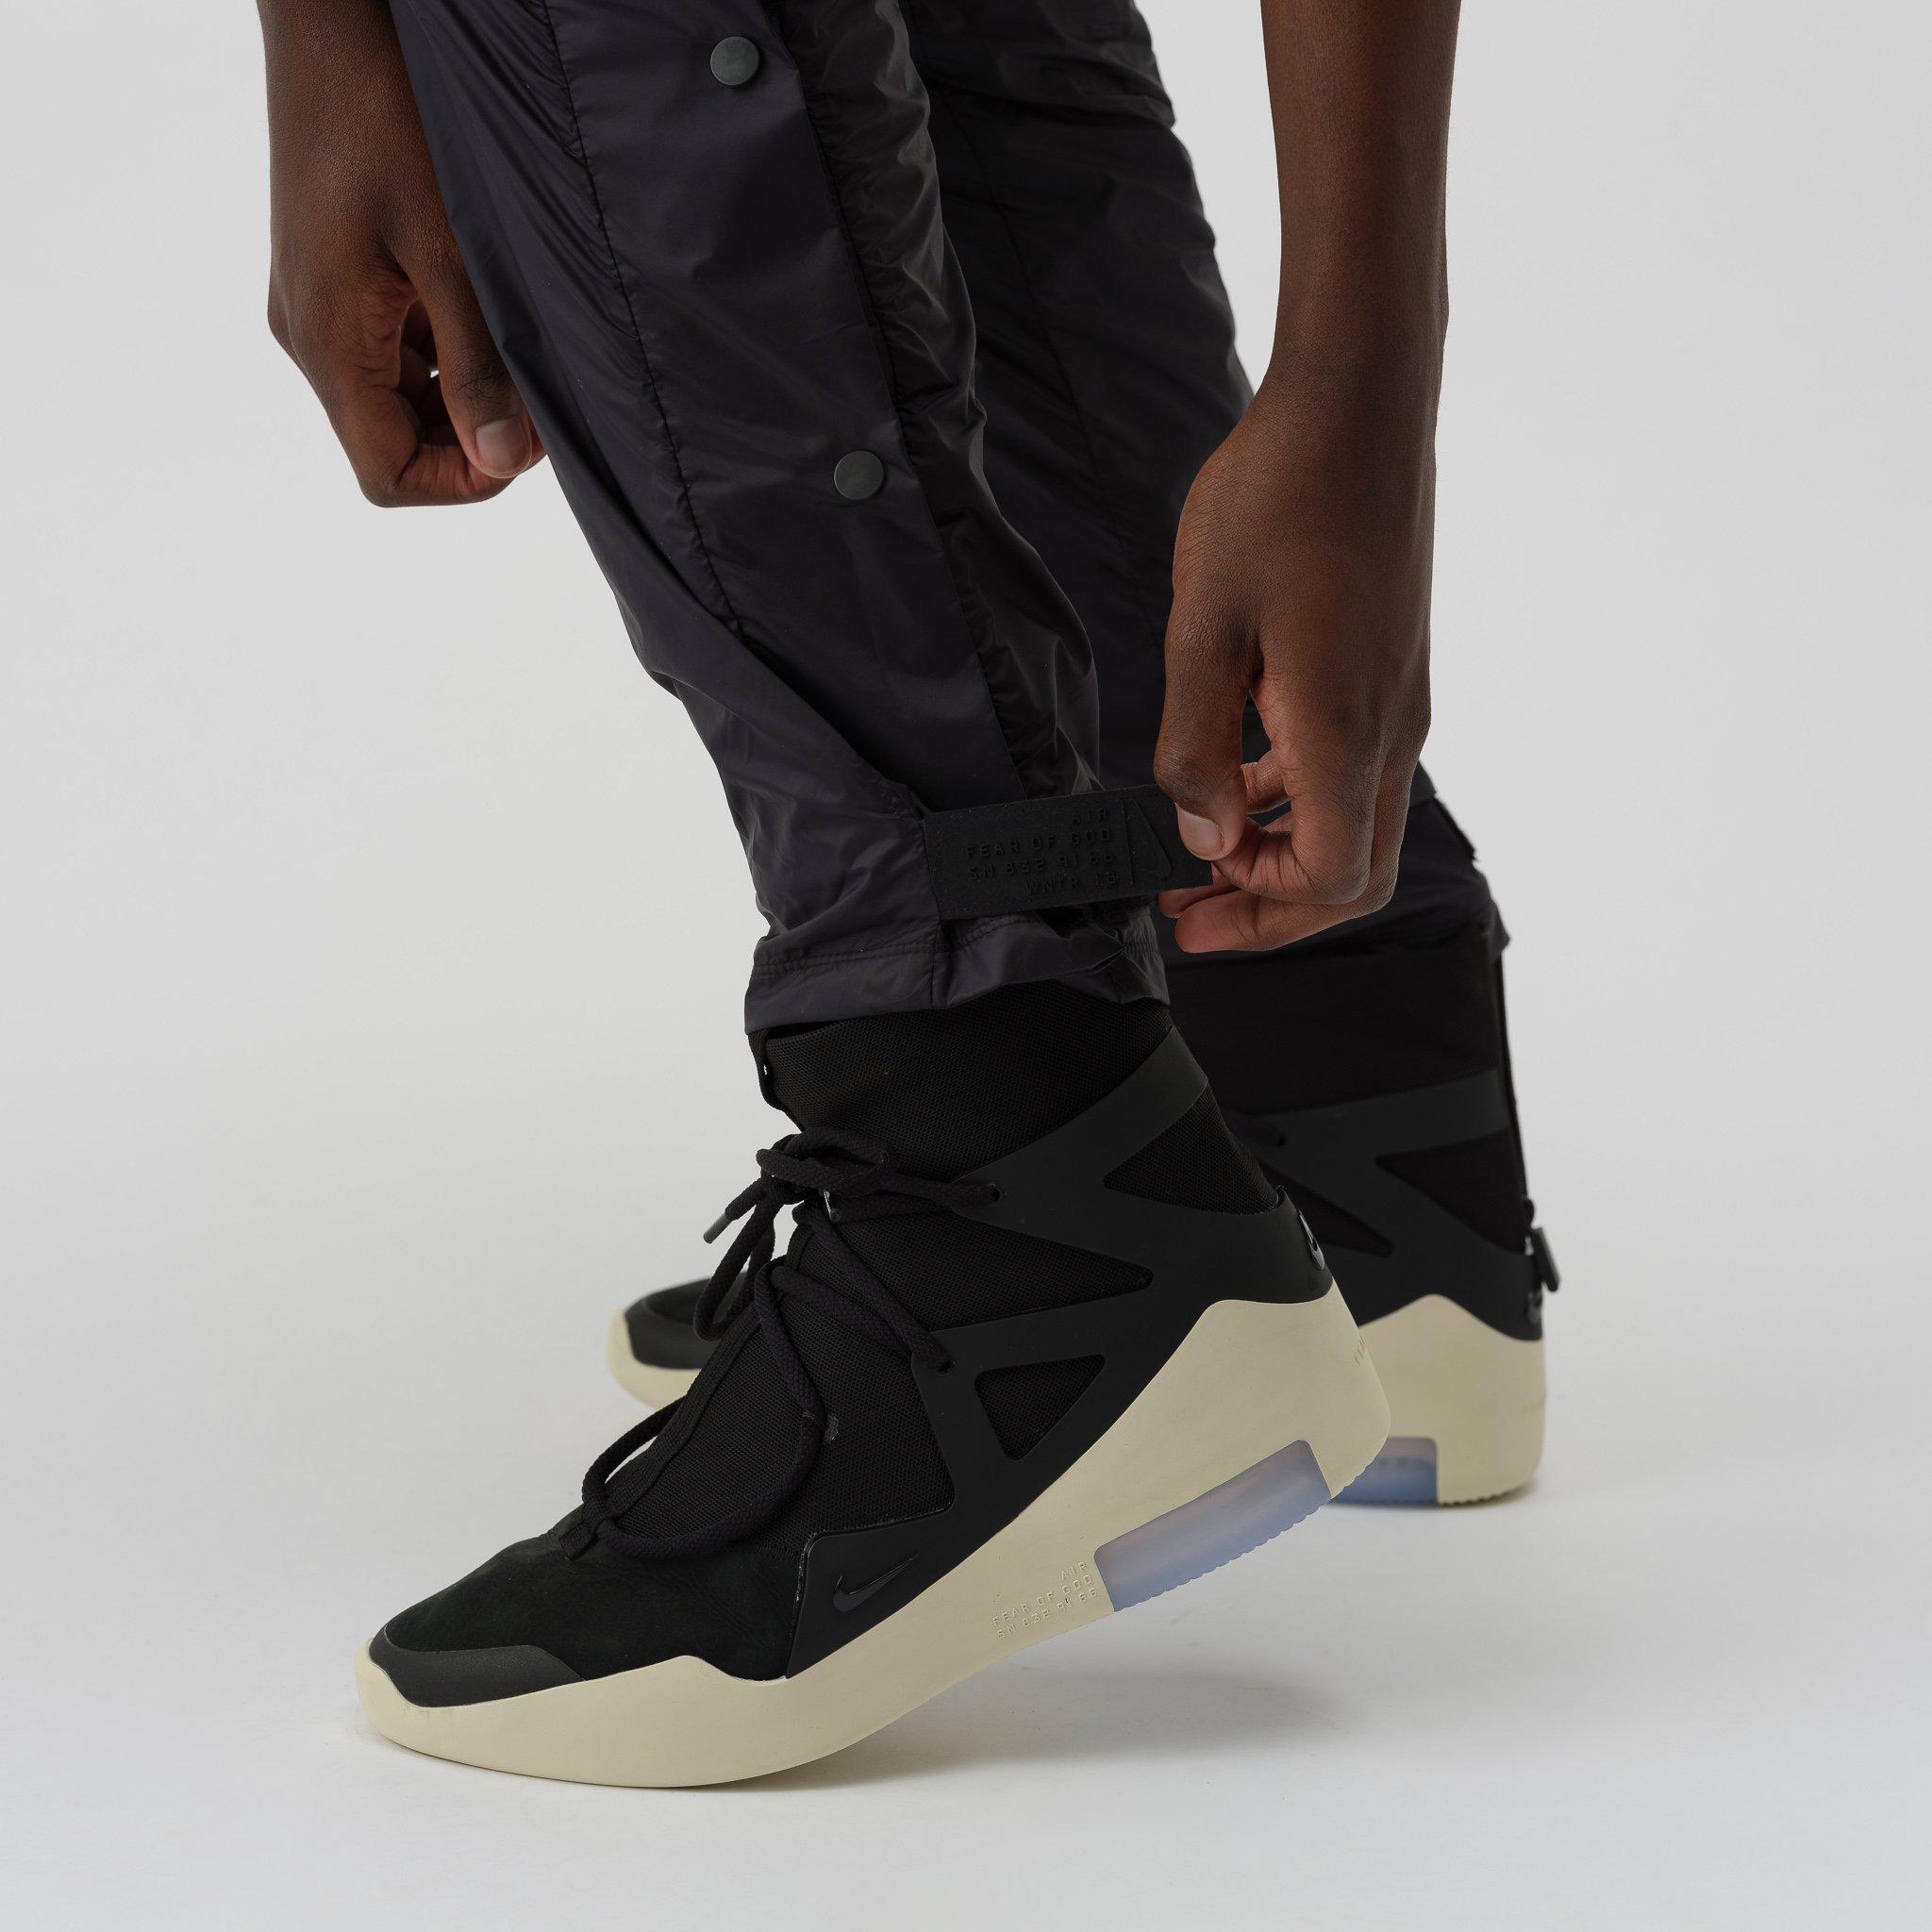 a3986ed4 Nike X Fear Of God Pants In Black in Black for Men - Lyst